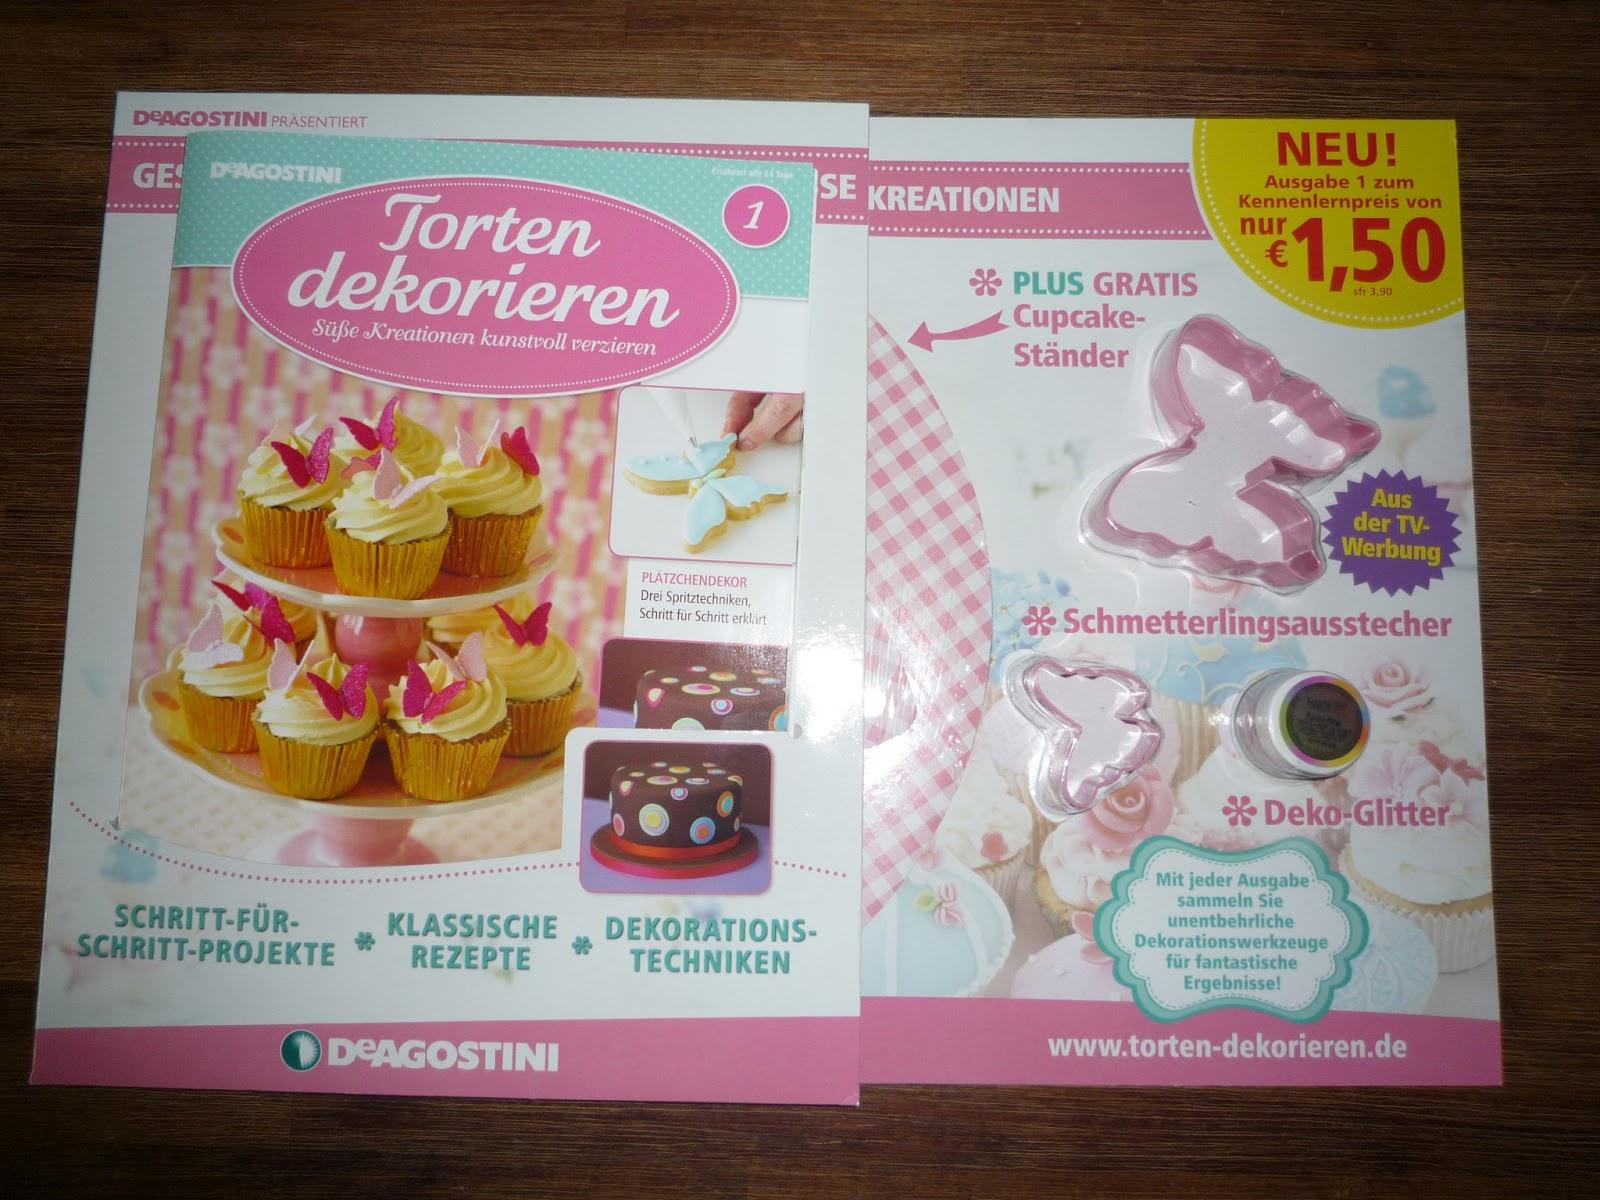 Torten Dekorieren Zeitschrift mein tortentraum vorstellung zeitschrift torten dekorieren